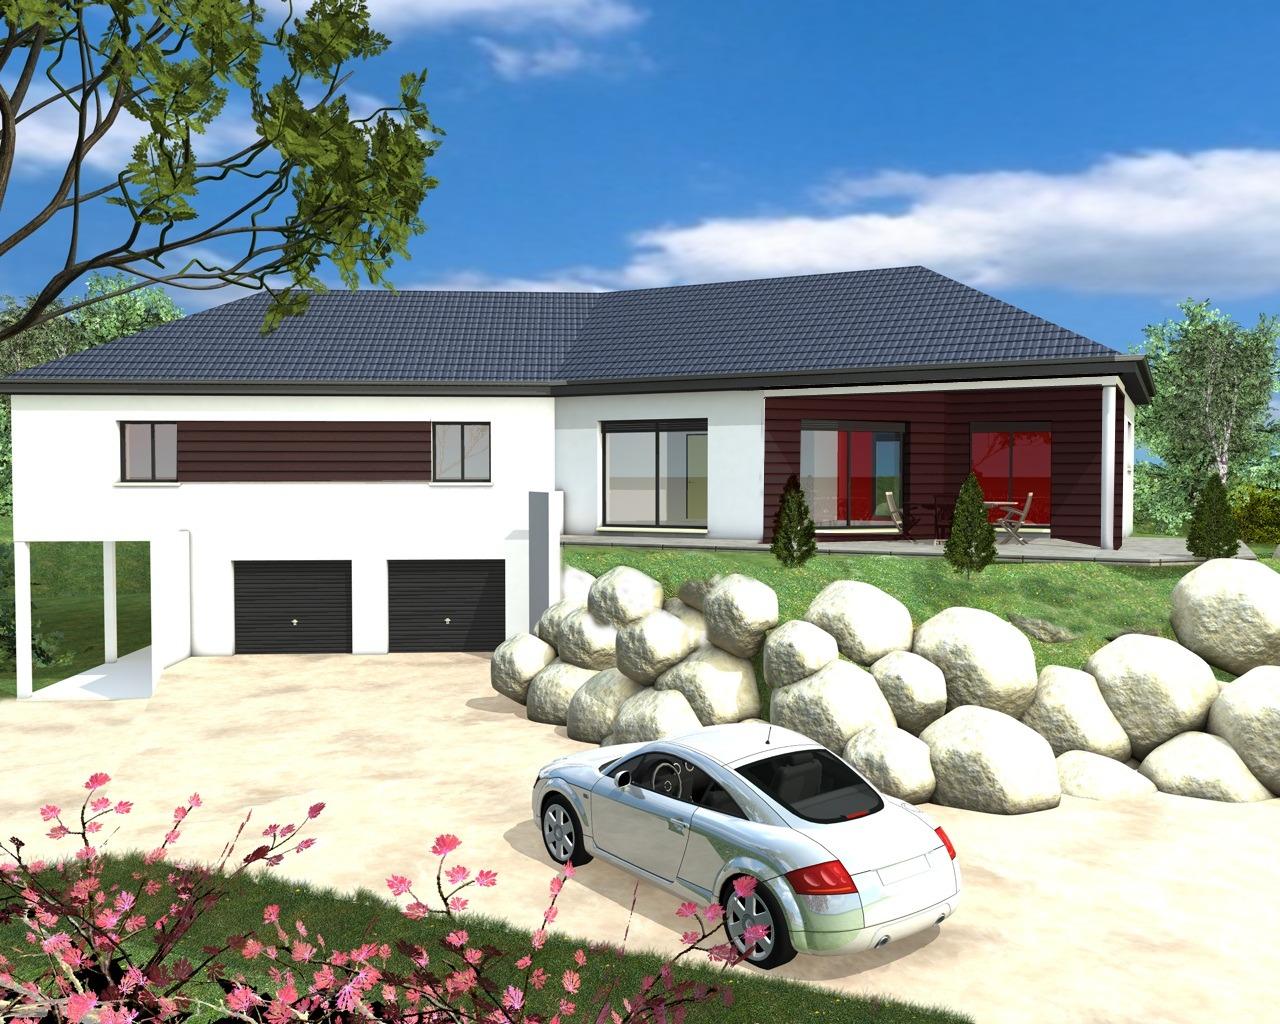 Cout construction maison avec sous sol maison moderne - Construction maison sans sous sol ...